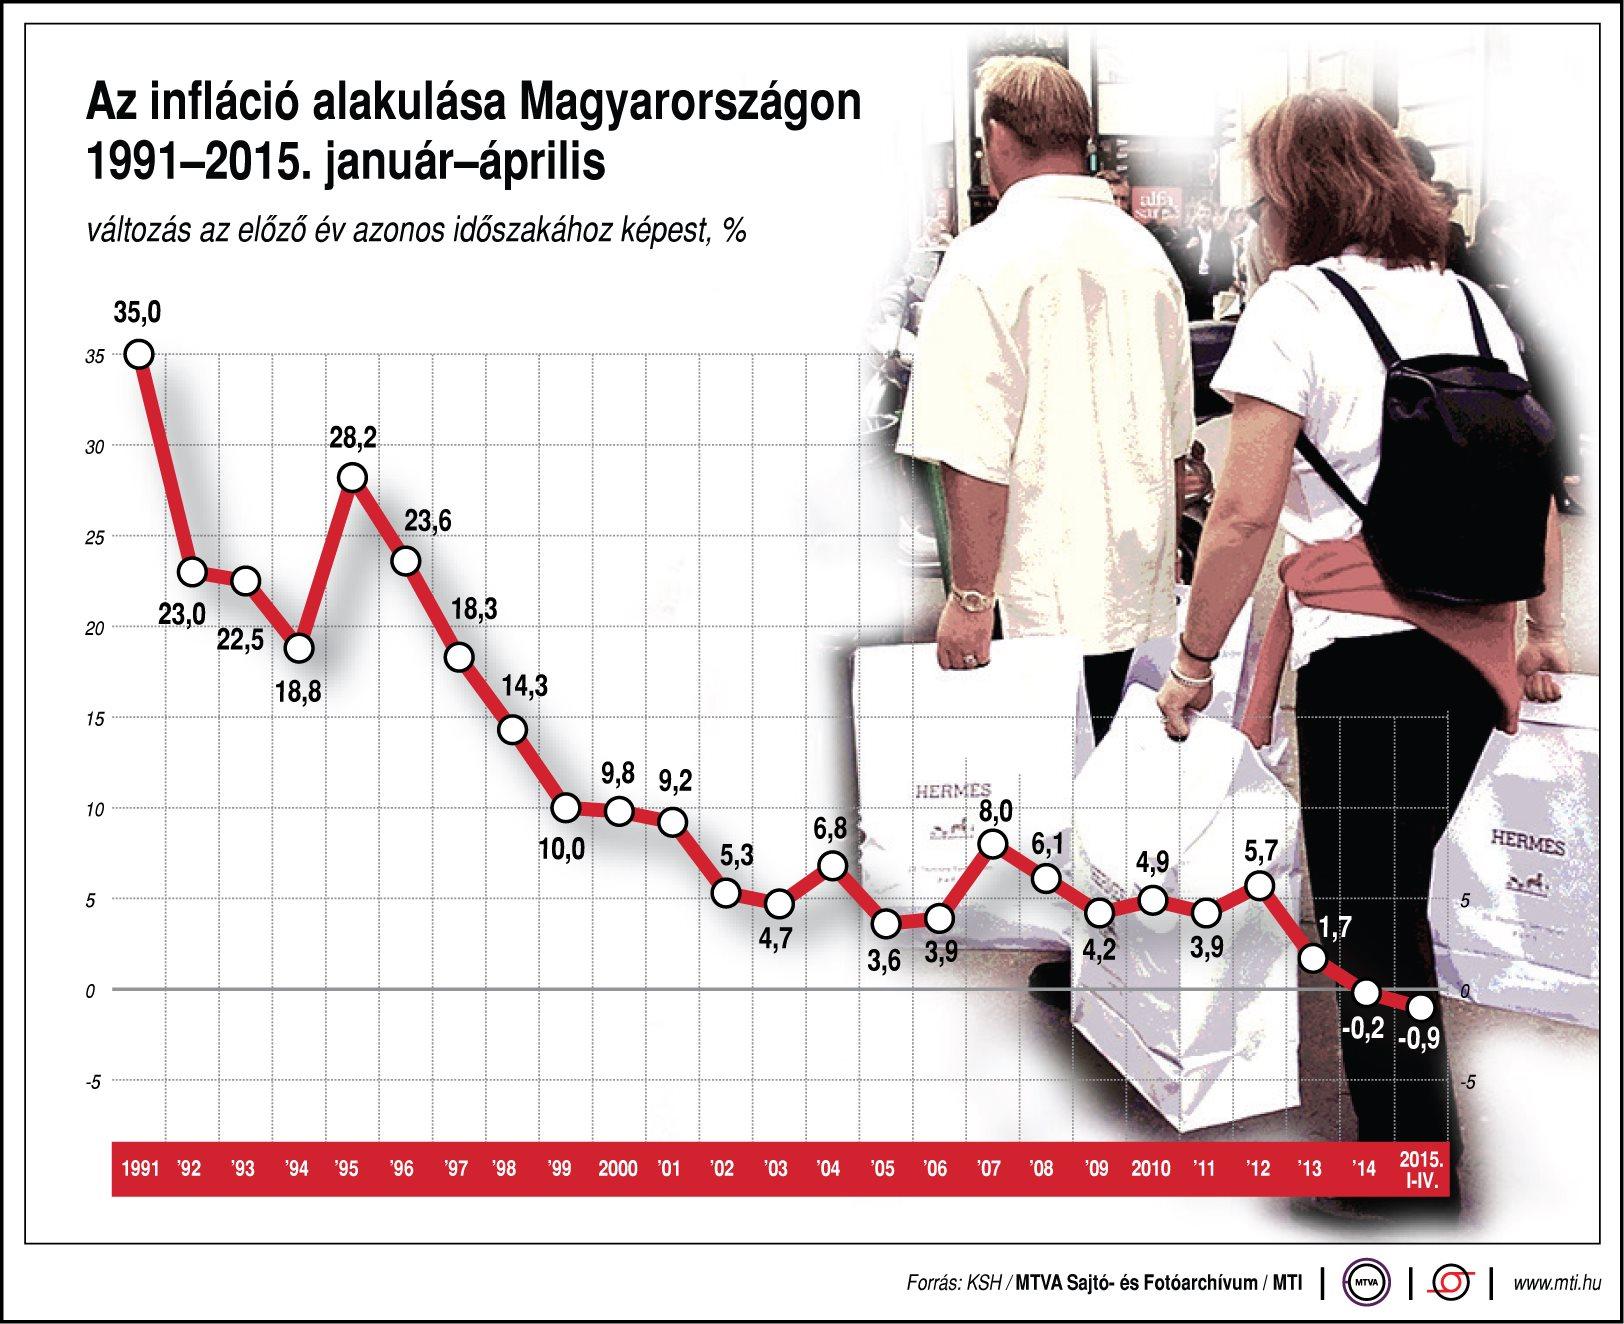 infláció Magyarországon